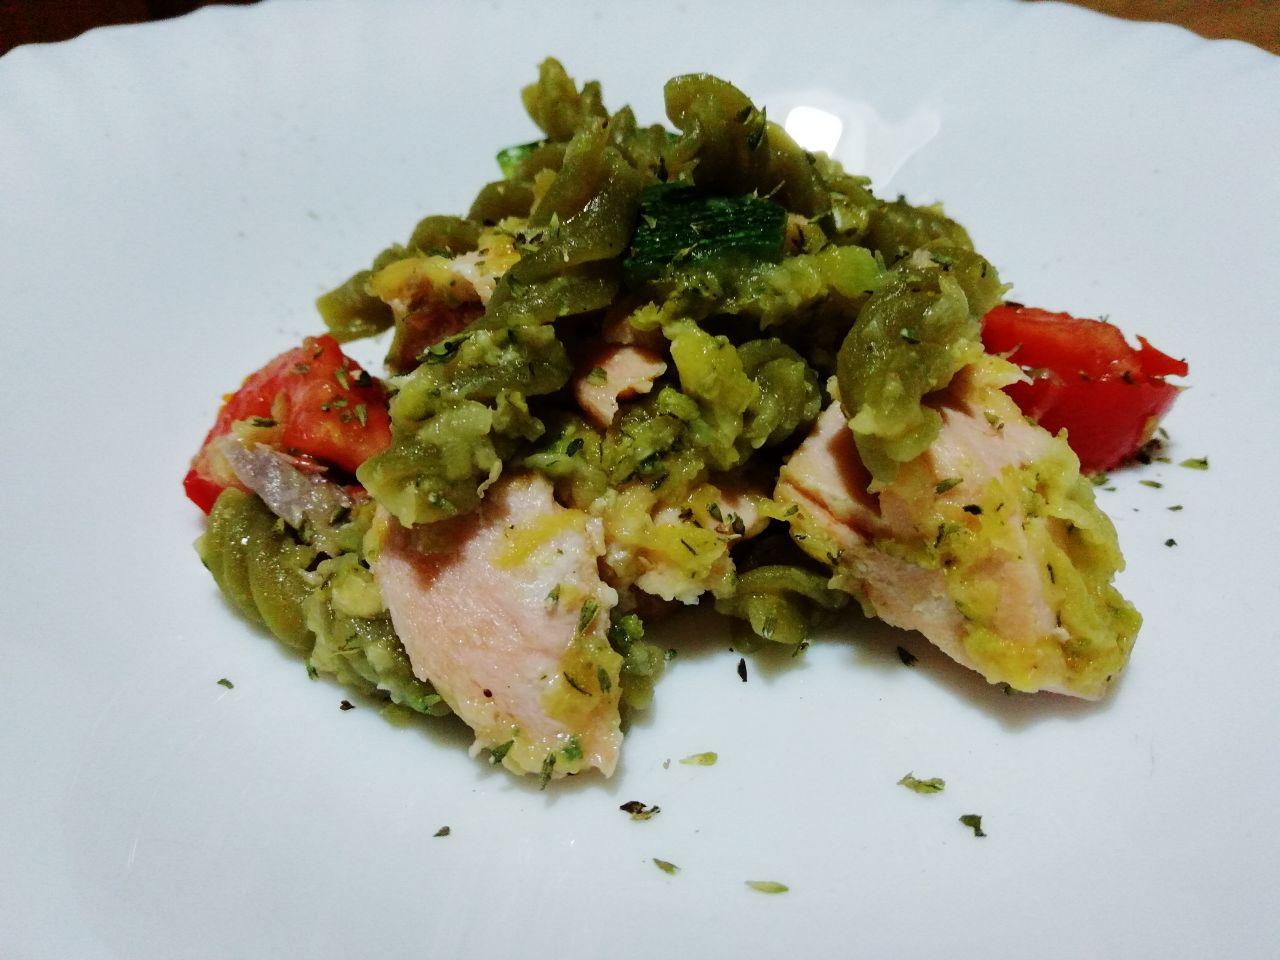 Primi piatti estivi: pasta di legumi con salmone, zucchine e pomodori!\Primi piatti estivi: pasta di legumi con salmone, zucchine e pomodori!